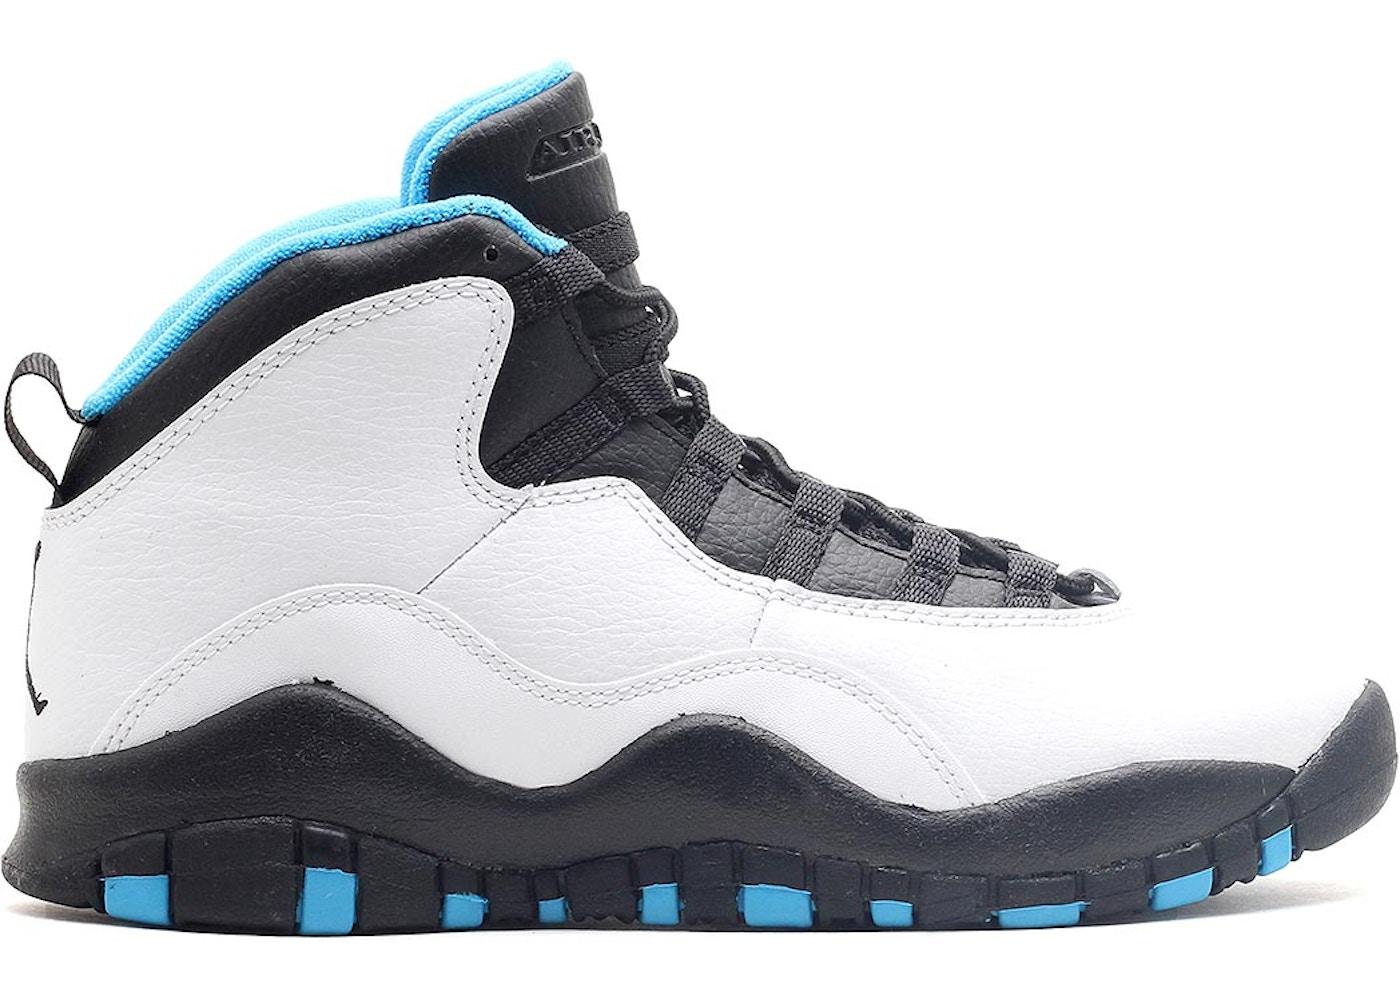 00867712b3a Air Jordan 10 Shoes - Most Popular